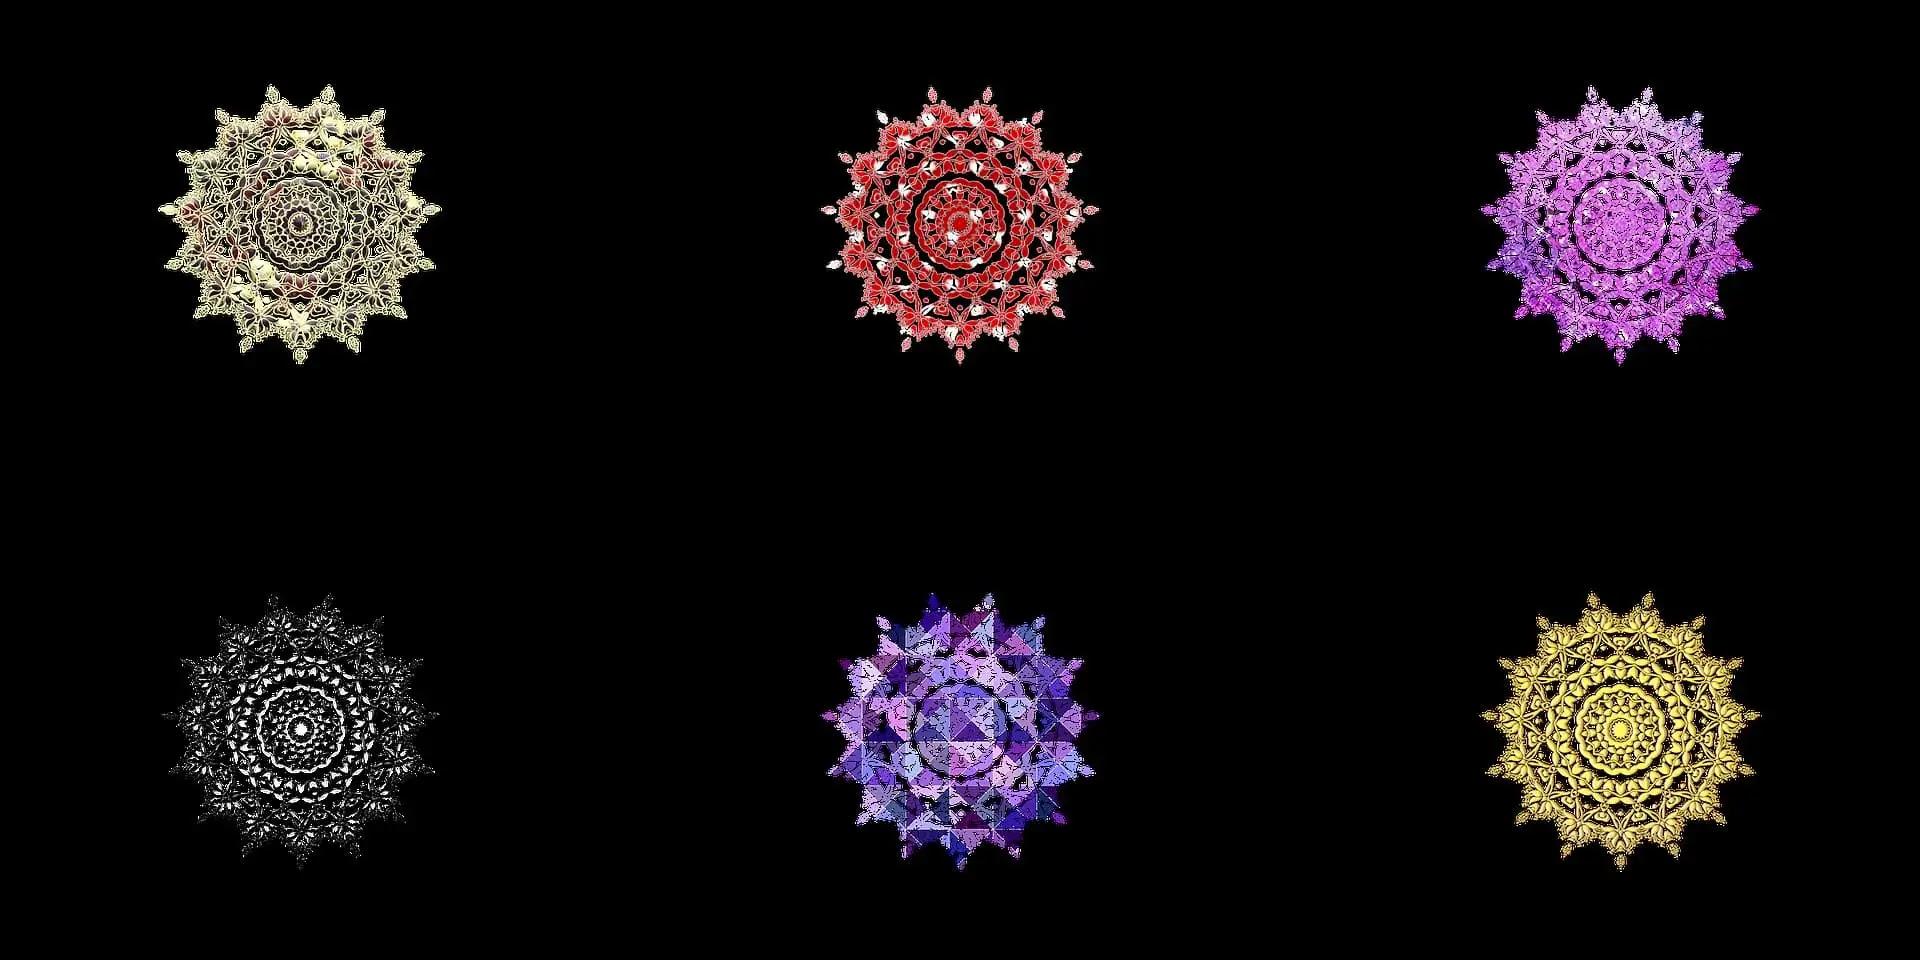 تأثير الألوان علي الشاكرات l برانيك هيلنغ l العلاج بالطاقة الحيوية